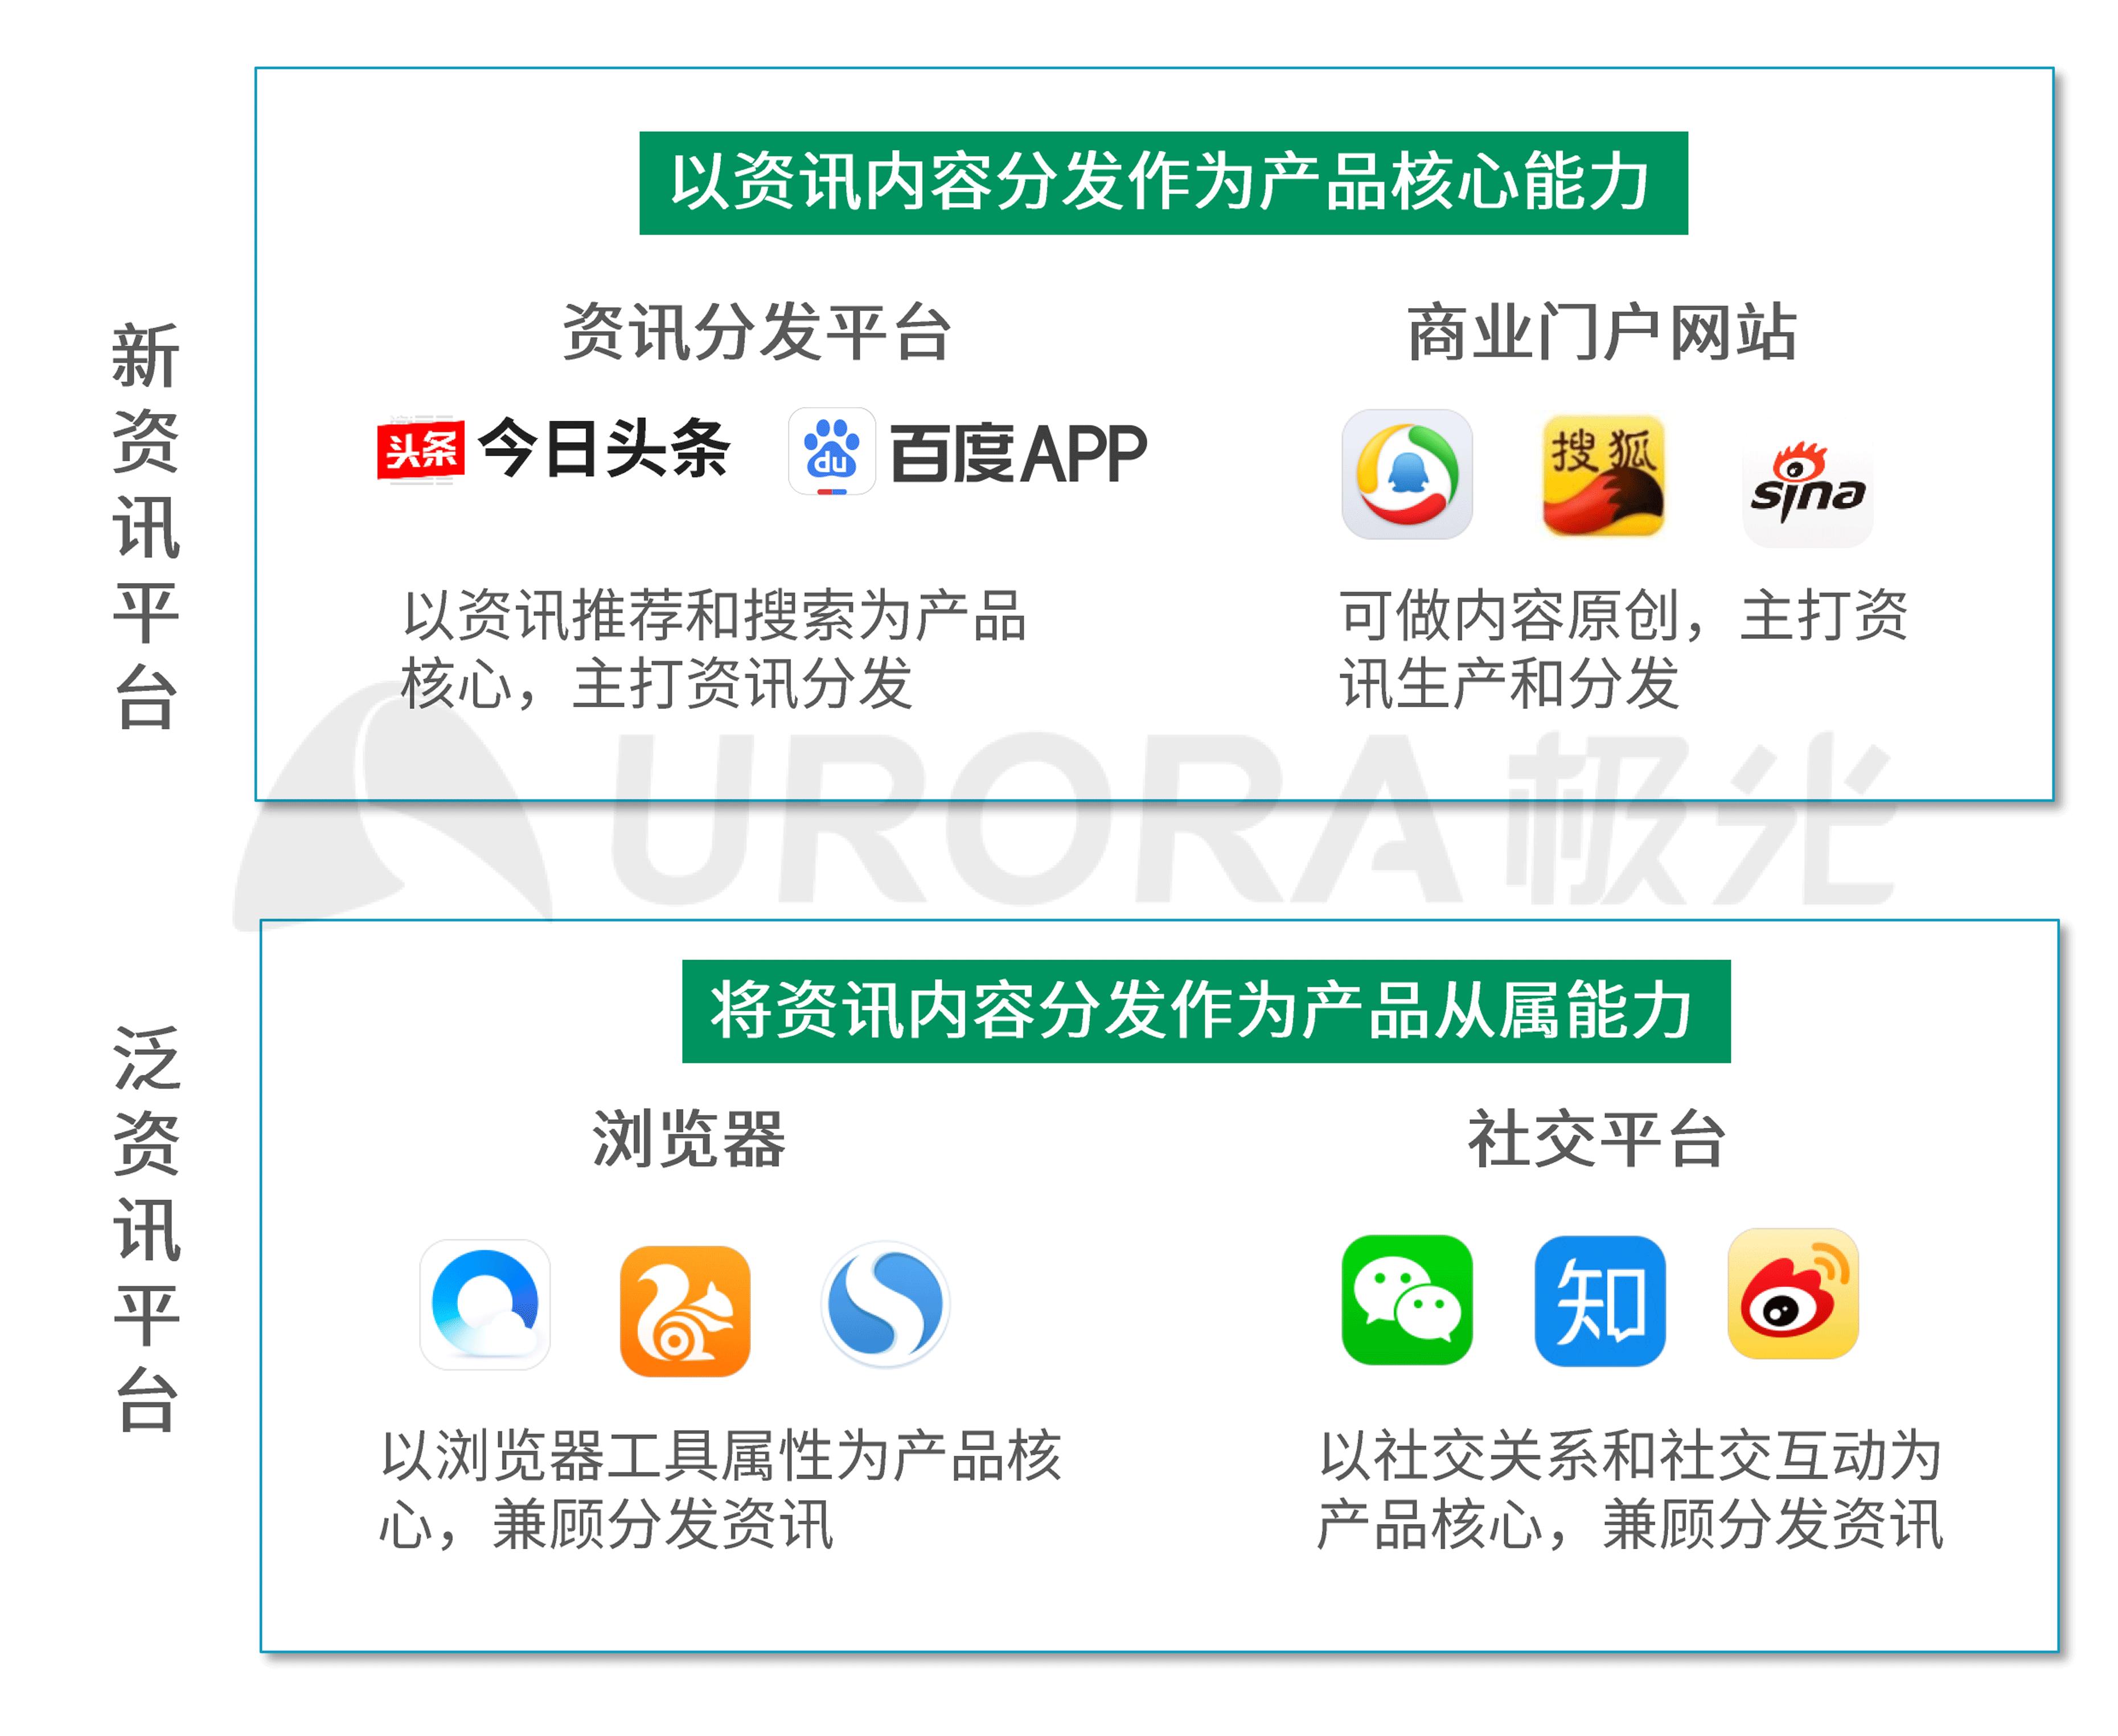 极光:新闻资讯 (3).png